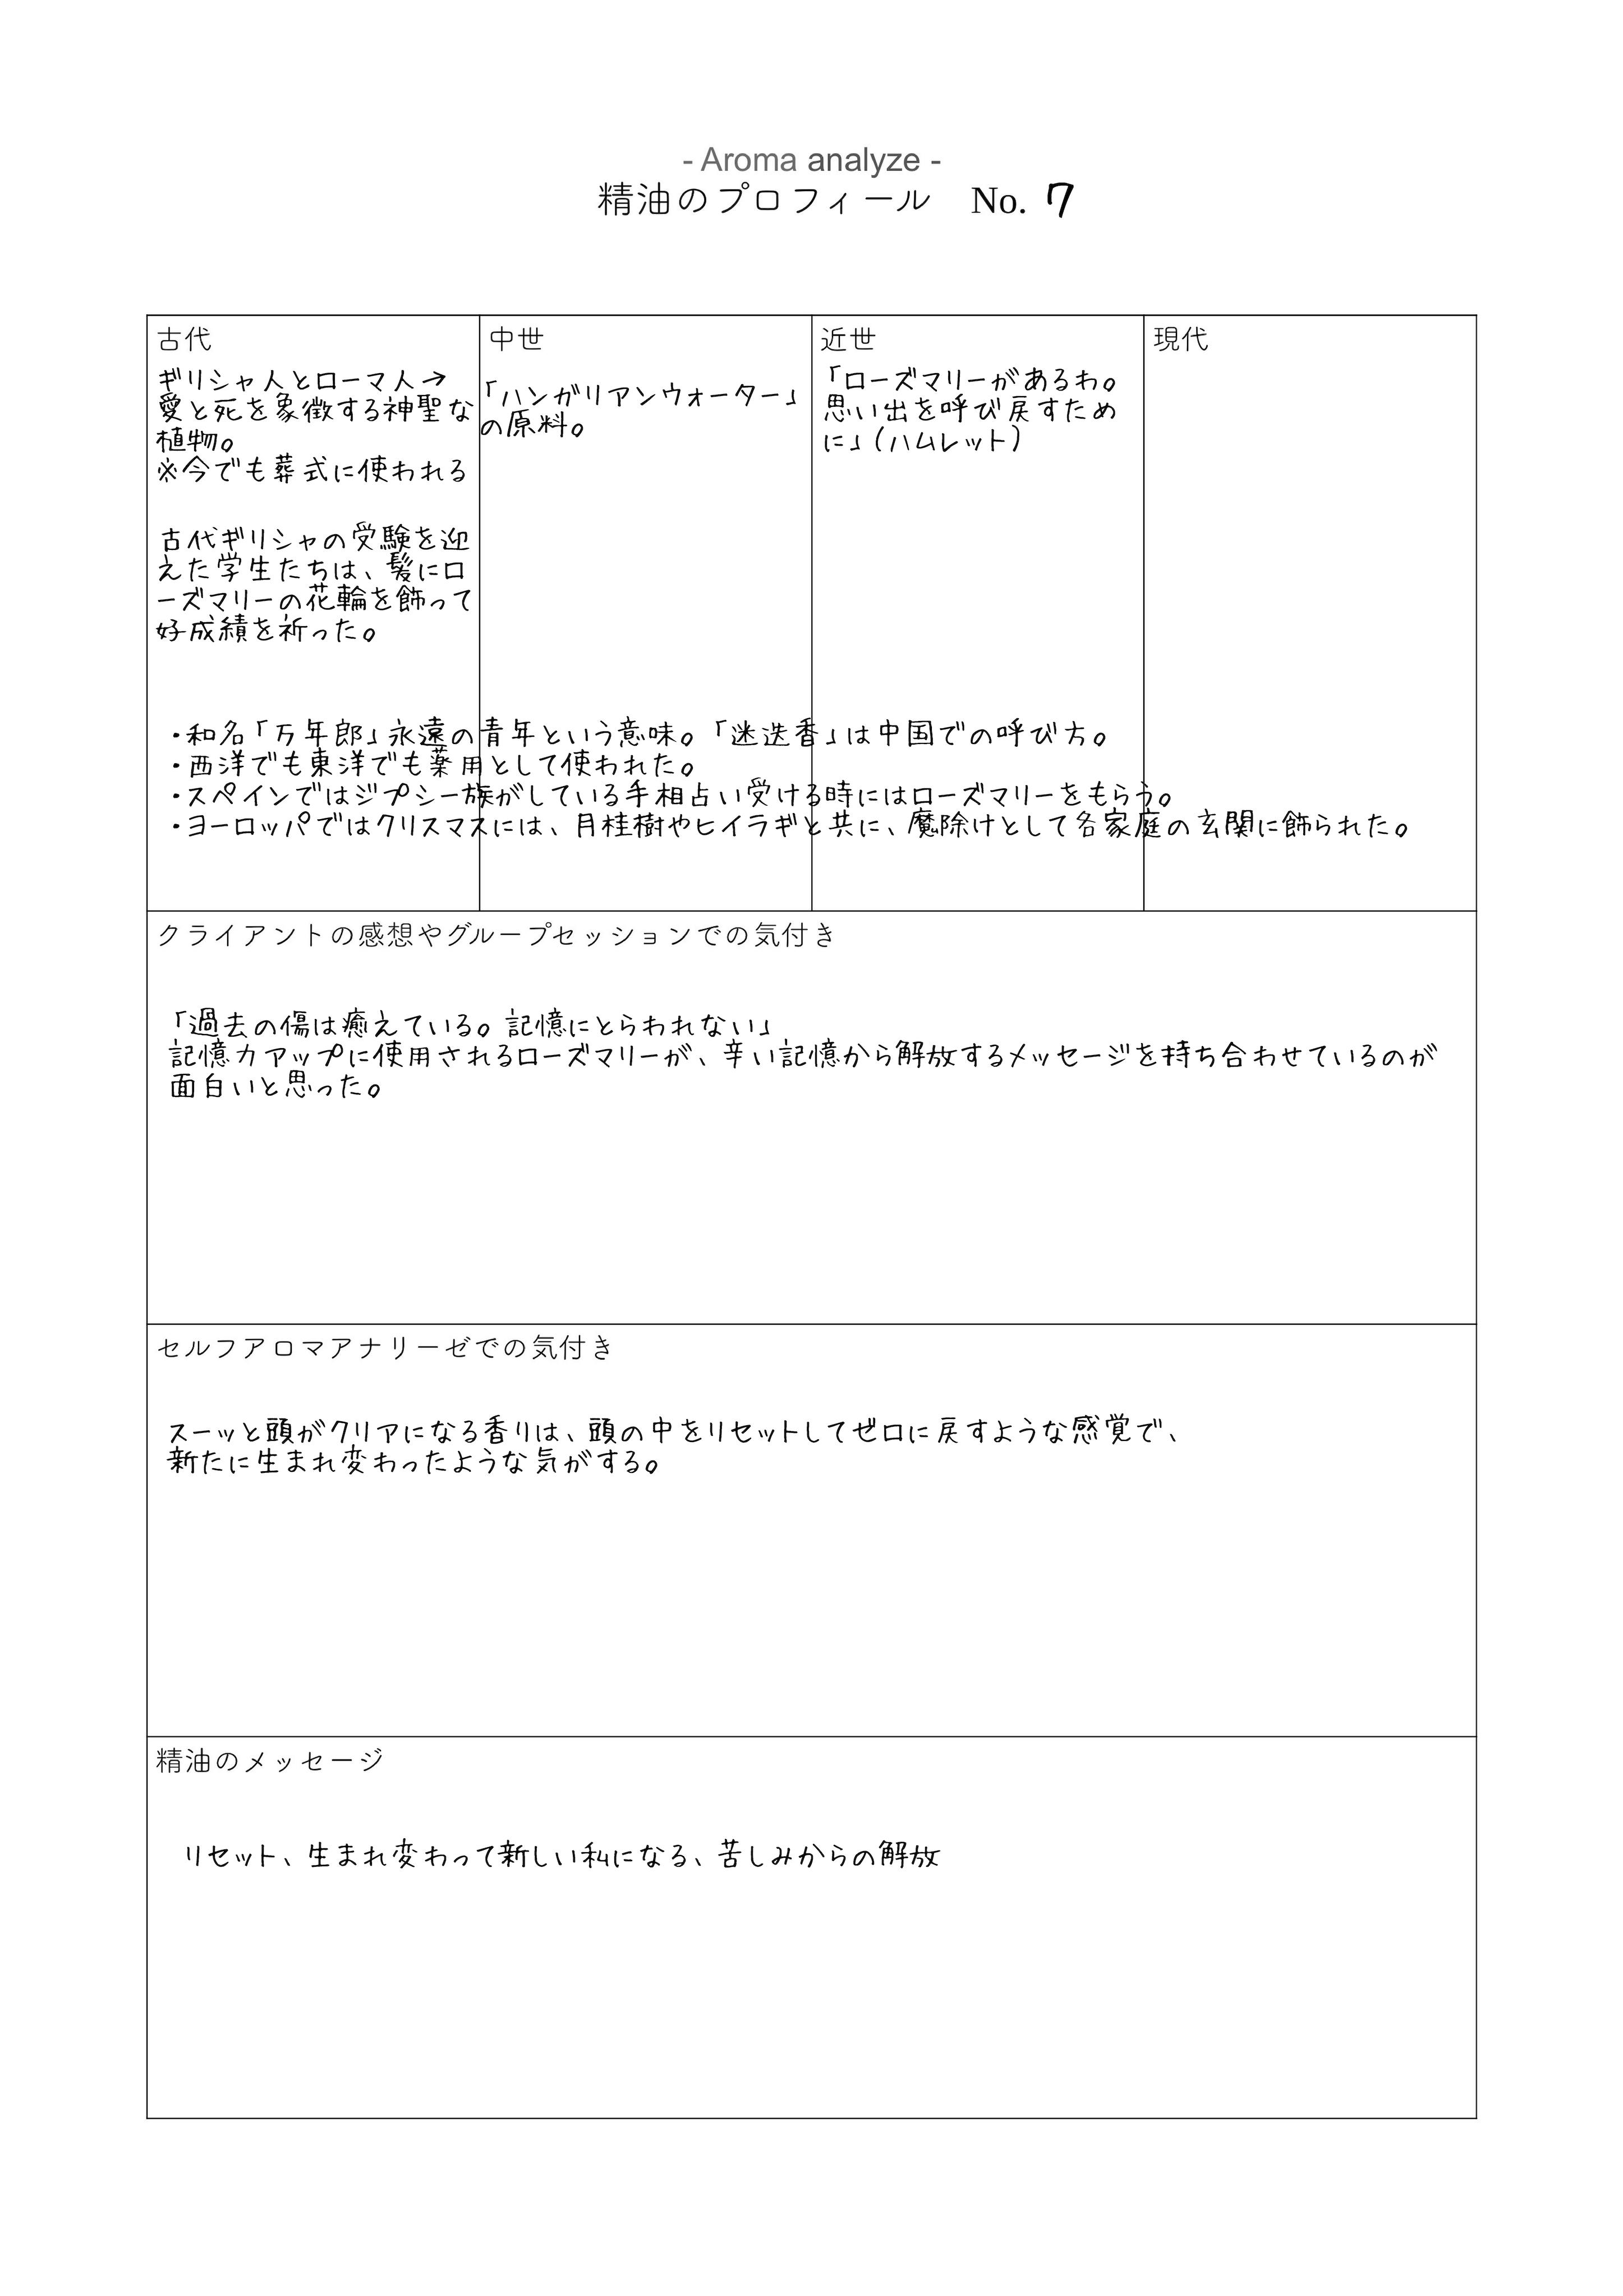 精油のプロフィール記入例2